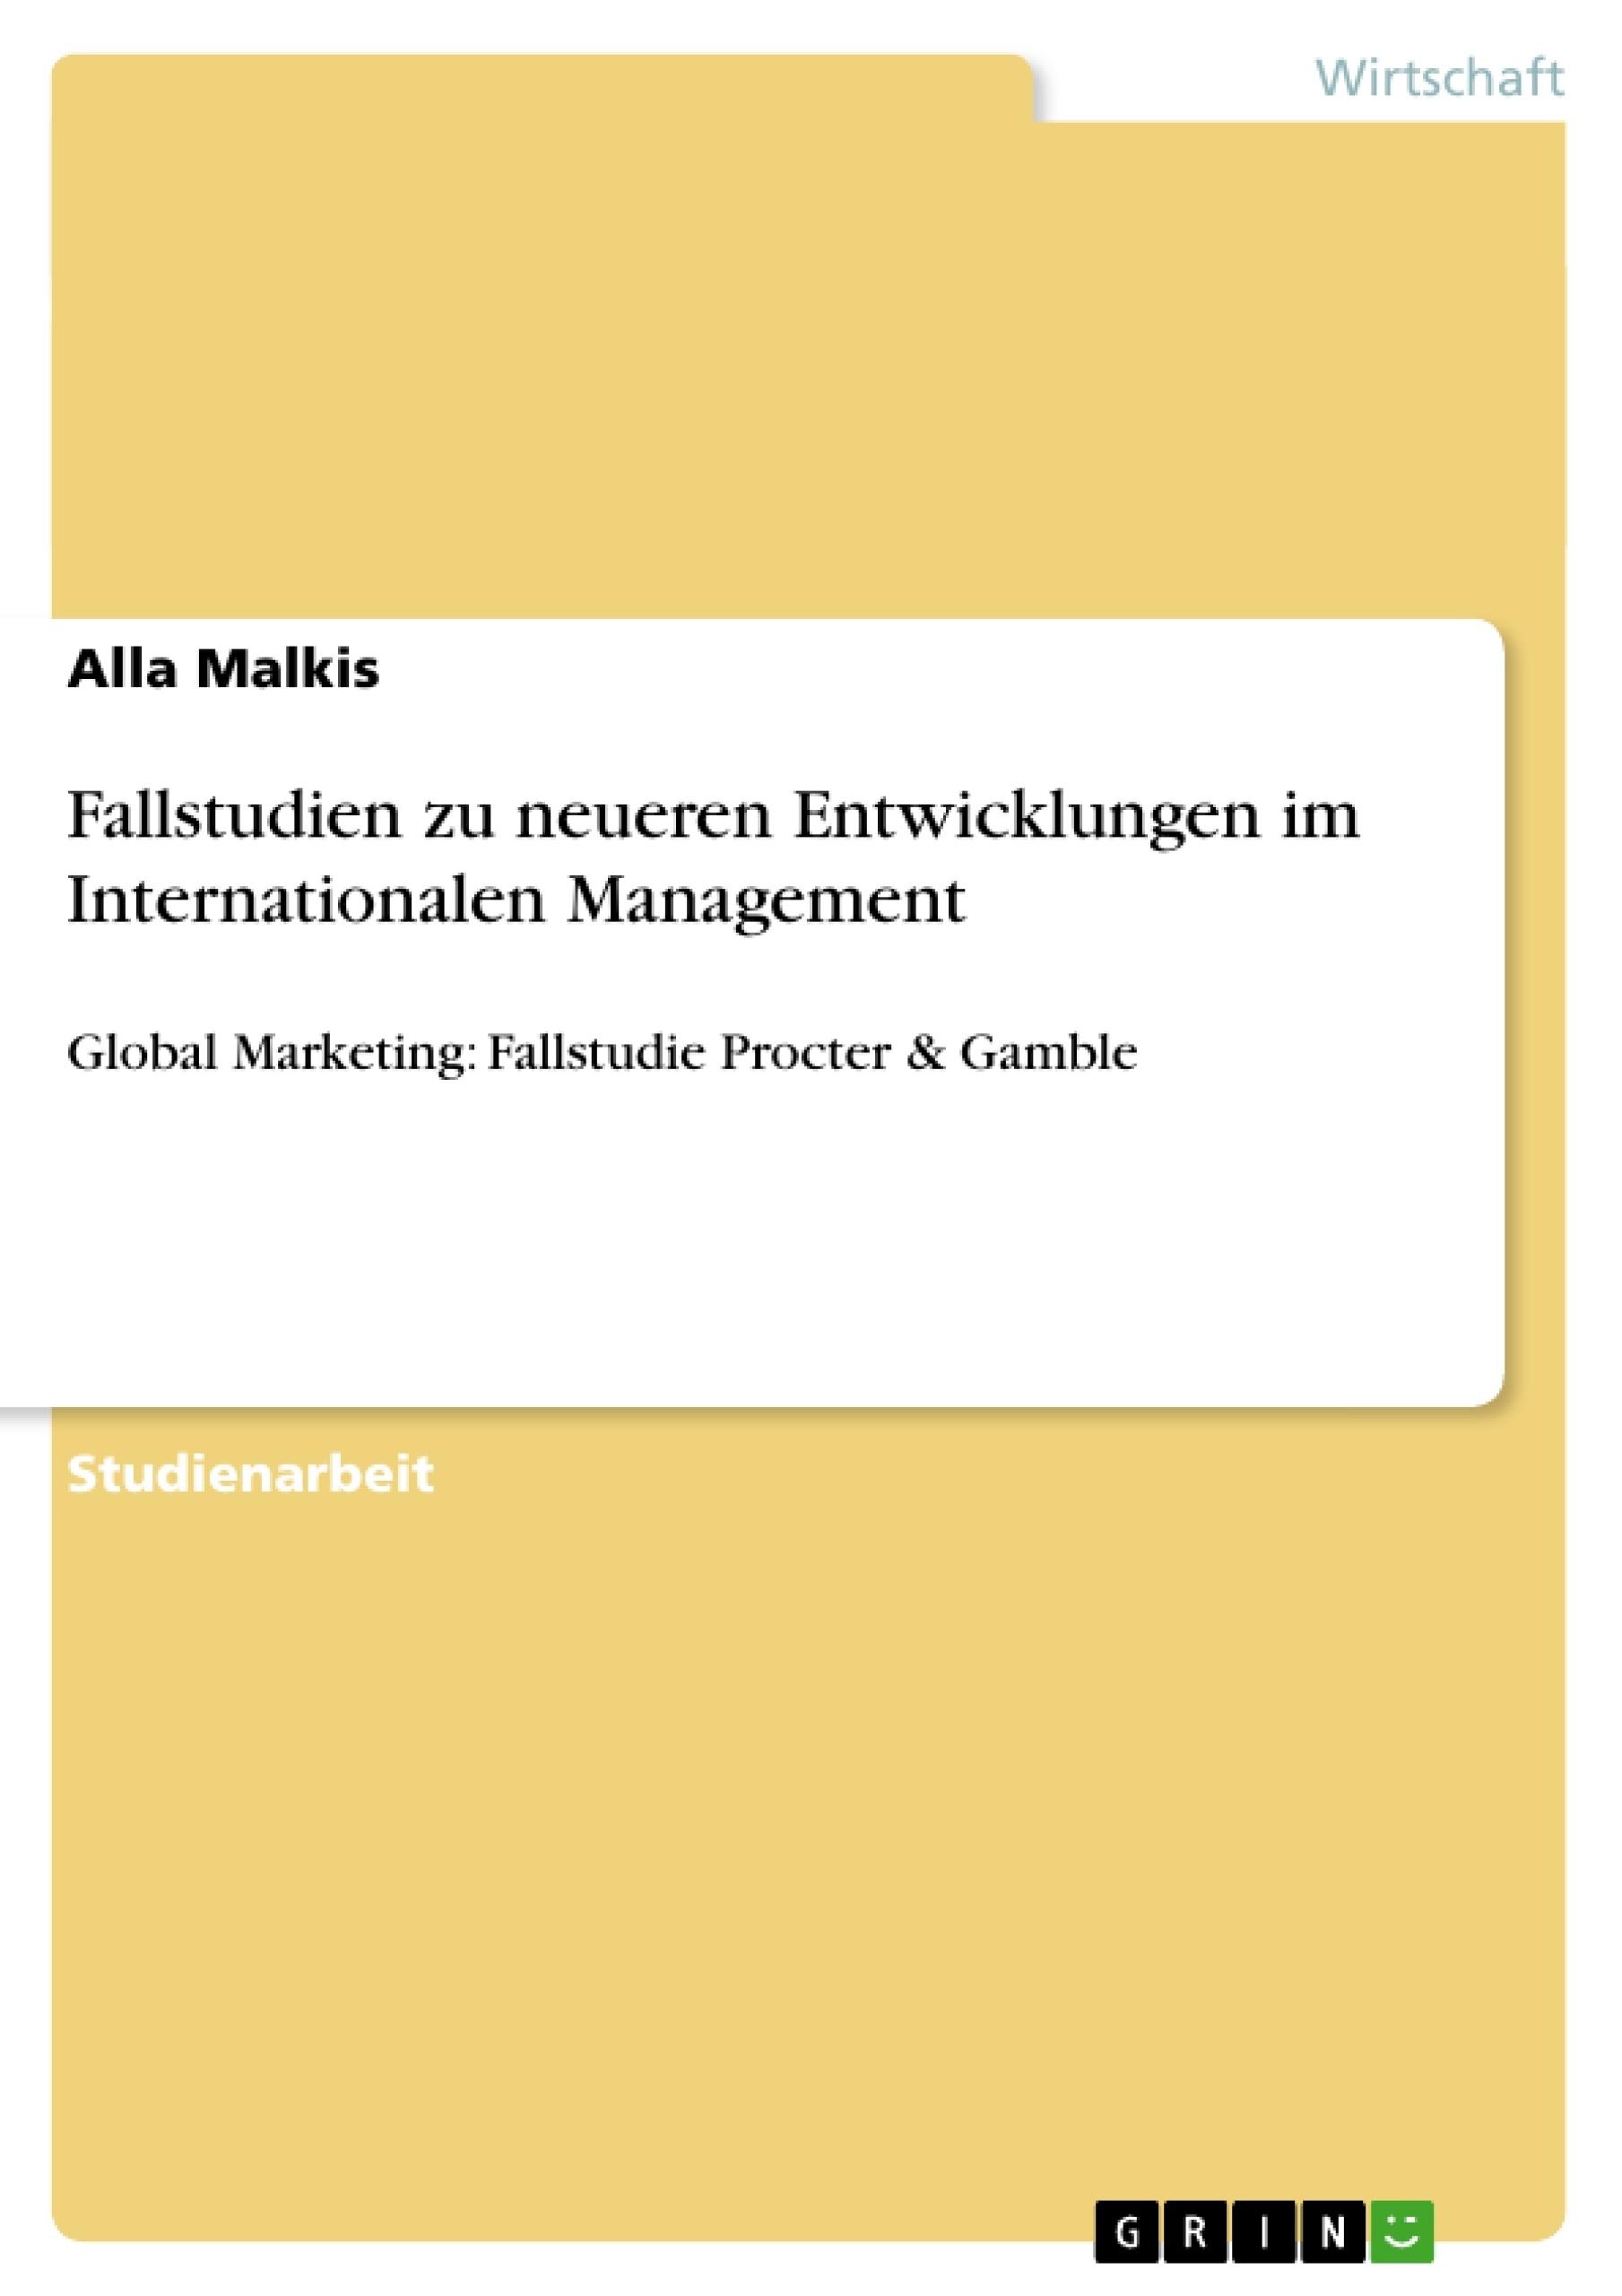 Titel: Fallstudien zu neueren Entwicklungen im Internationalen Management